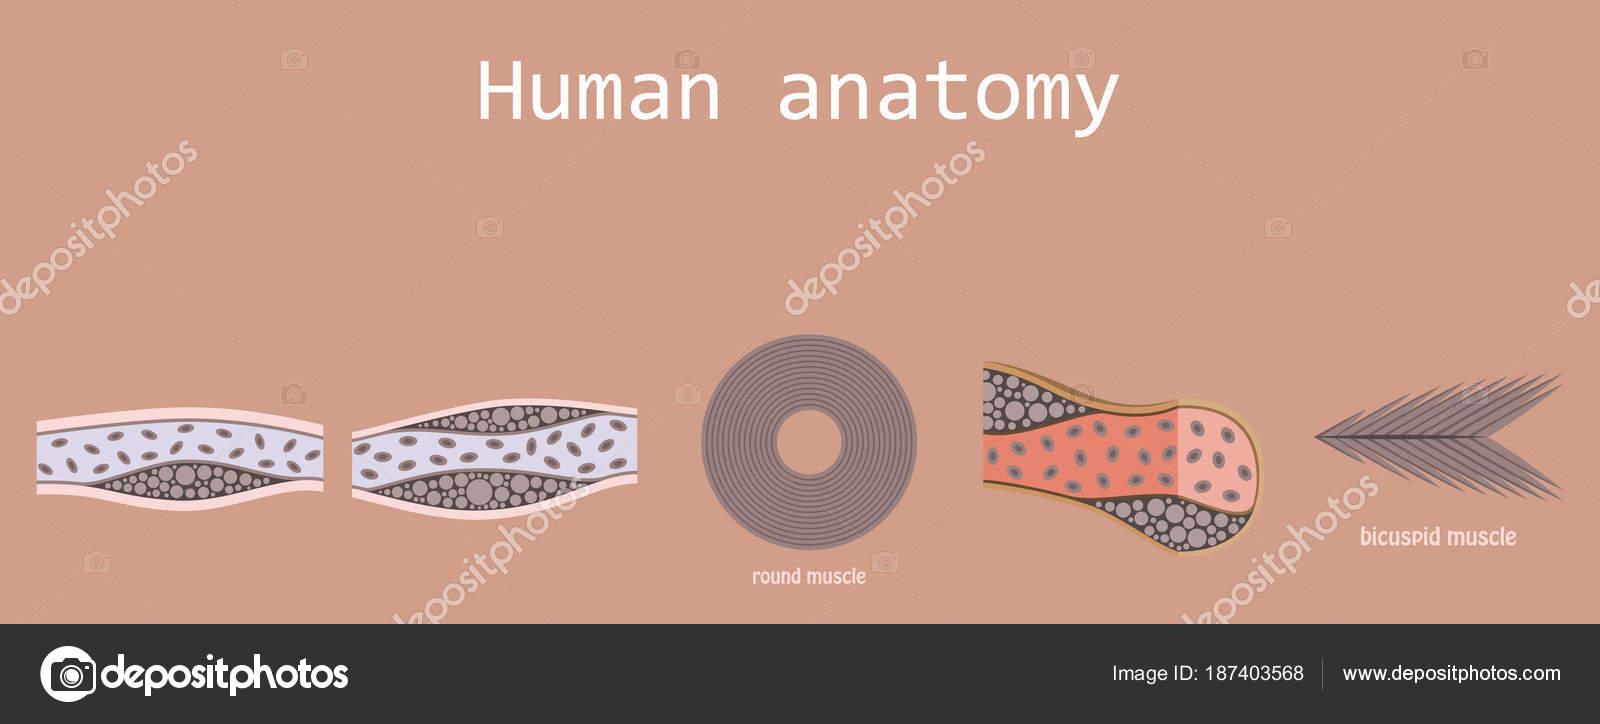 Tipos de músculo tejido de humano cuerpo diagrama incluyendo liso ...